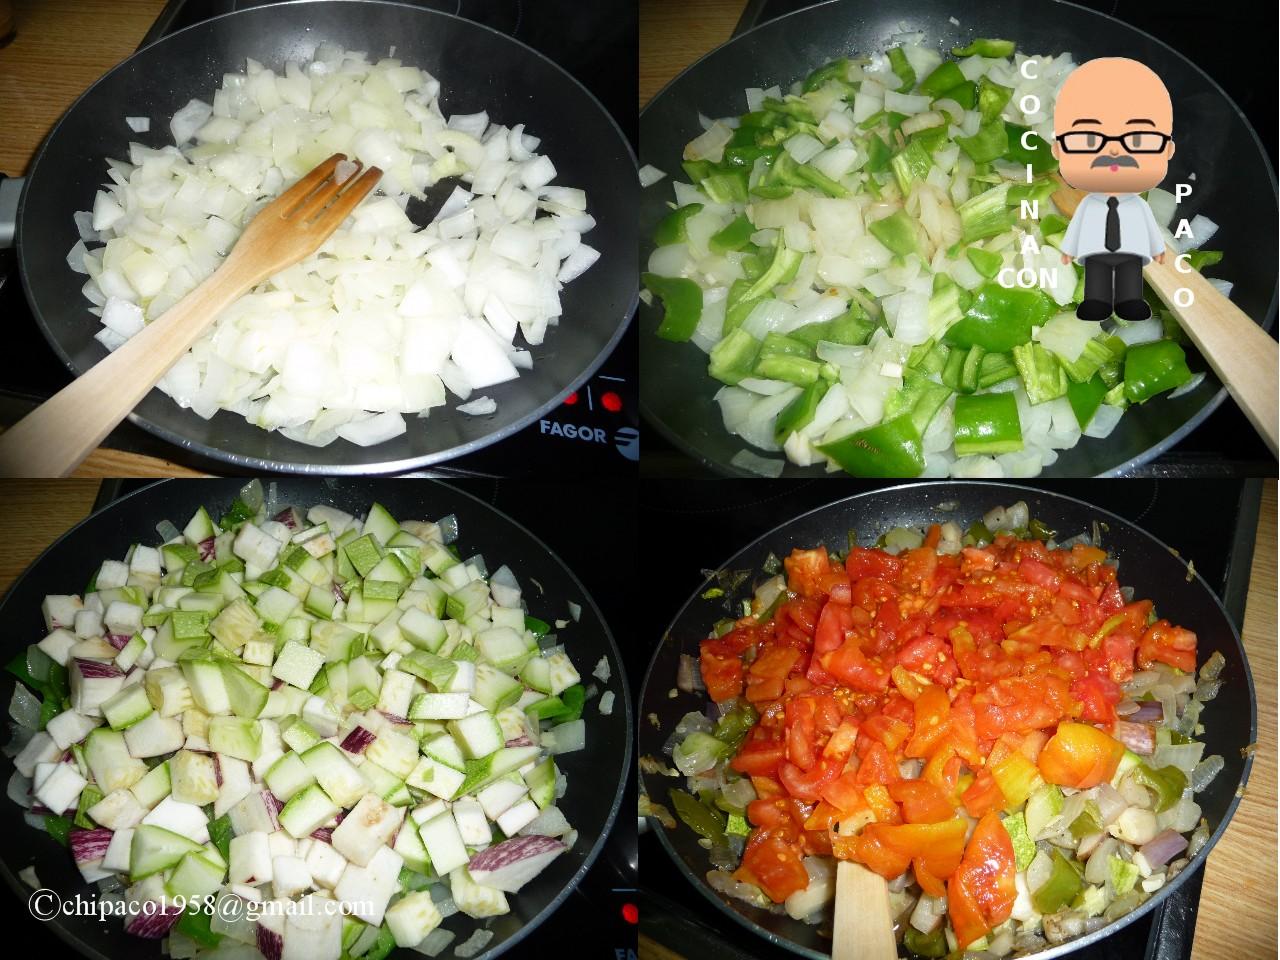 Cocina con paco pisto - Cocina con paco ...